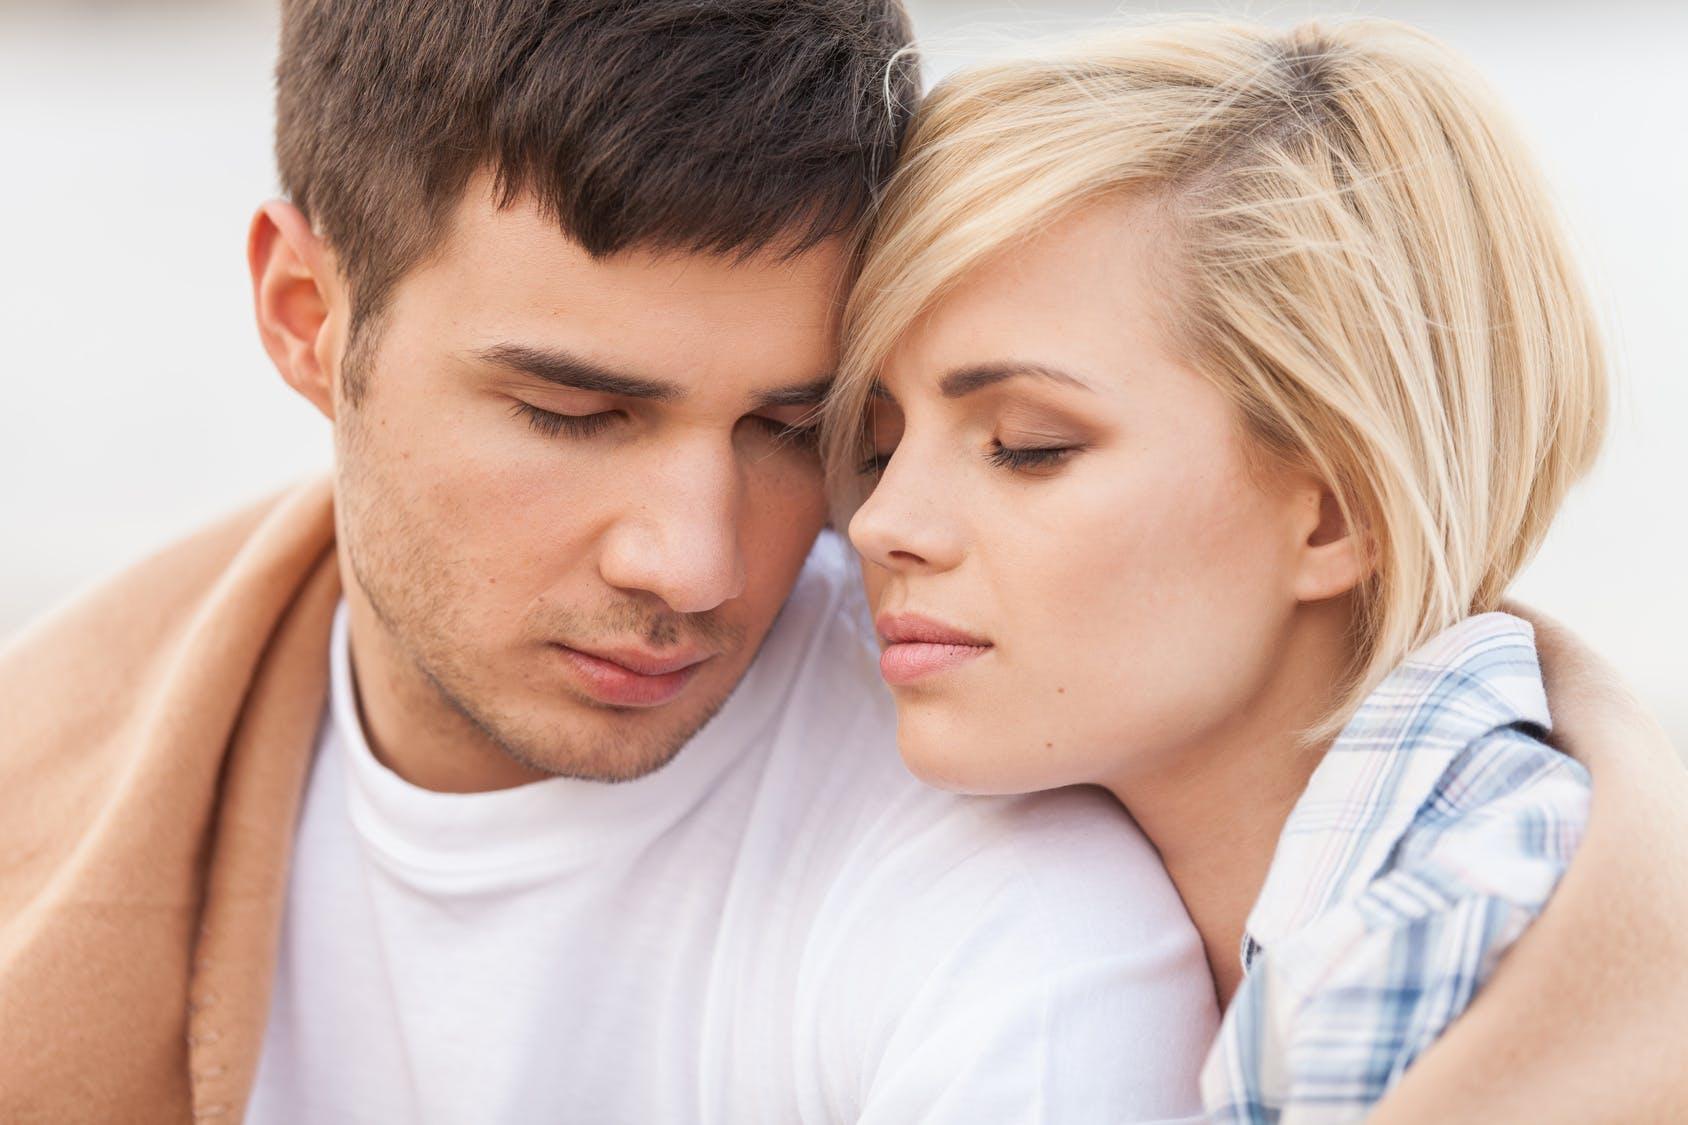 råd för online dating framgång Hur man får ex tillbaka om hon dejtar någon annan